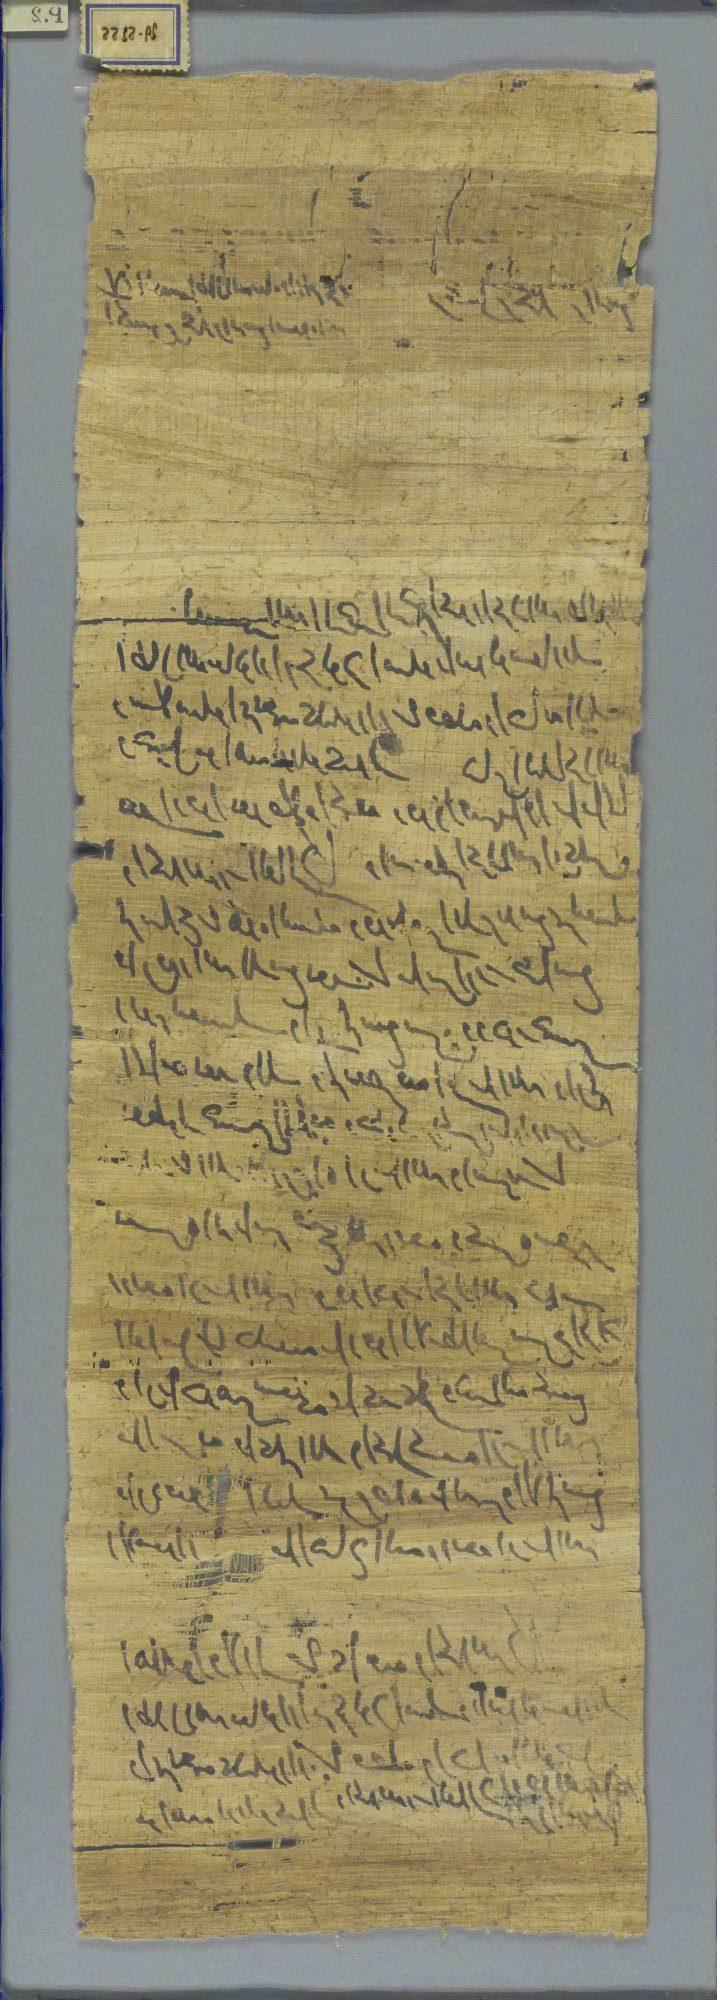 Beispielabbildung eines Papyrus